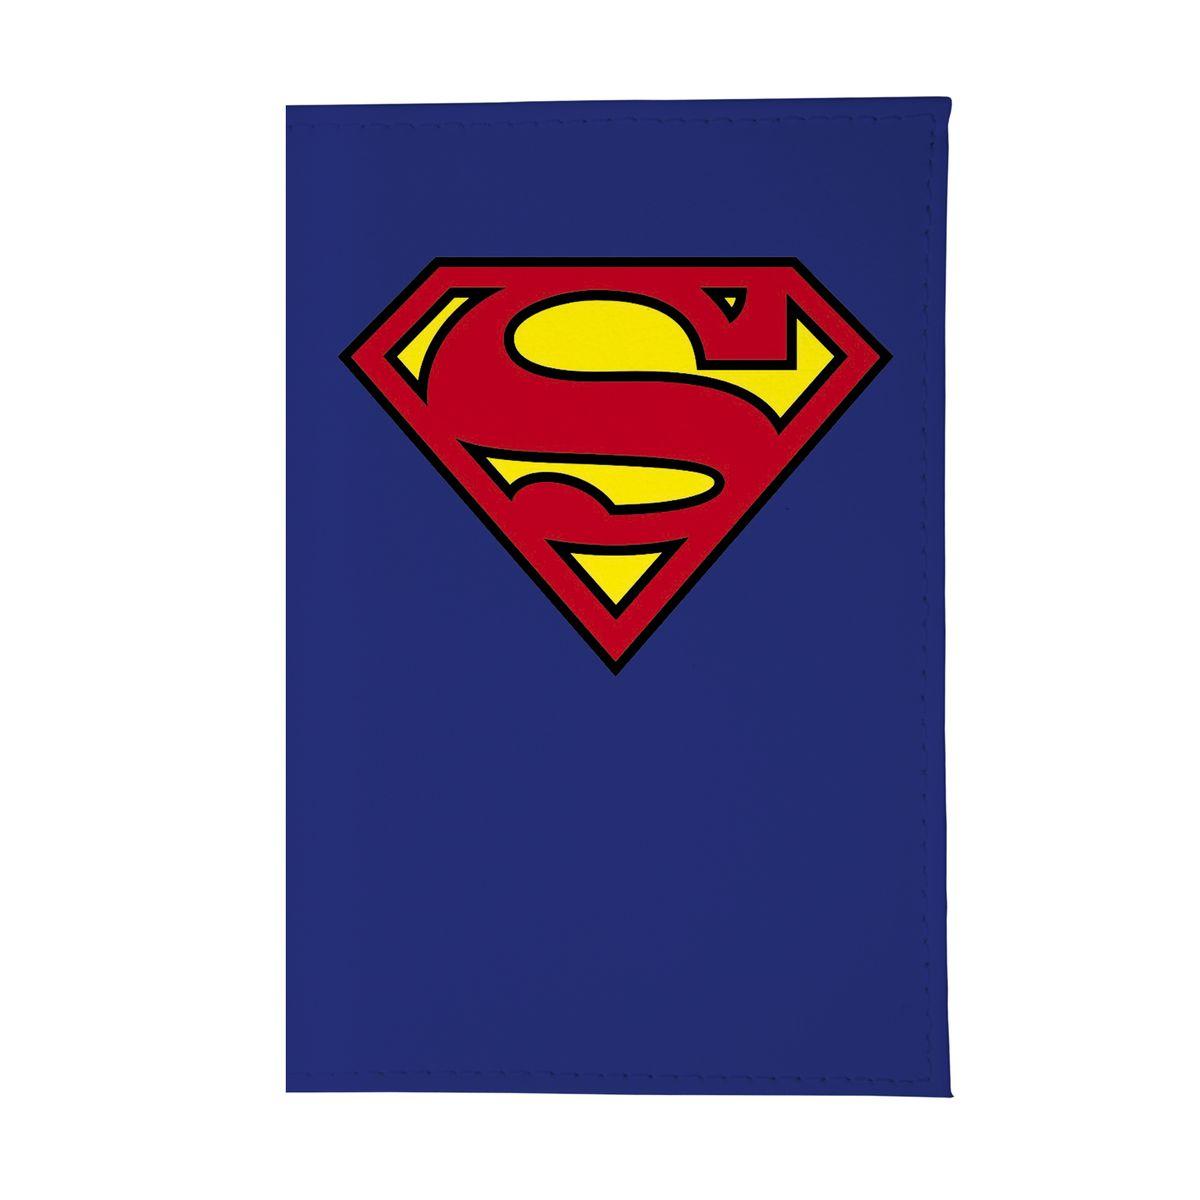 Обложка для автодокументов Супермен. AUTOZAM004AUTOZAM004Стильная обложка для автодокументов Mitya Veselkov не только поможет сохранить внешний вид ваших документов и защитить их от повреждений, но и станет стильным аксессуаром, идеально подходящим вашему образу. Она выполнена из ПВХ, внутри имеет съемный вкладыш, состоящий из шести файлов для документов, один из которых формата А5.